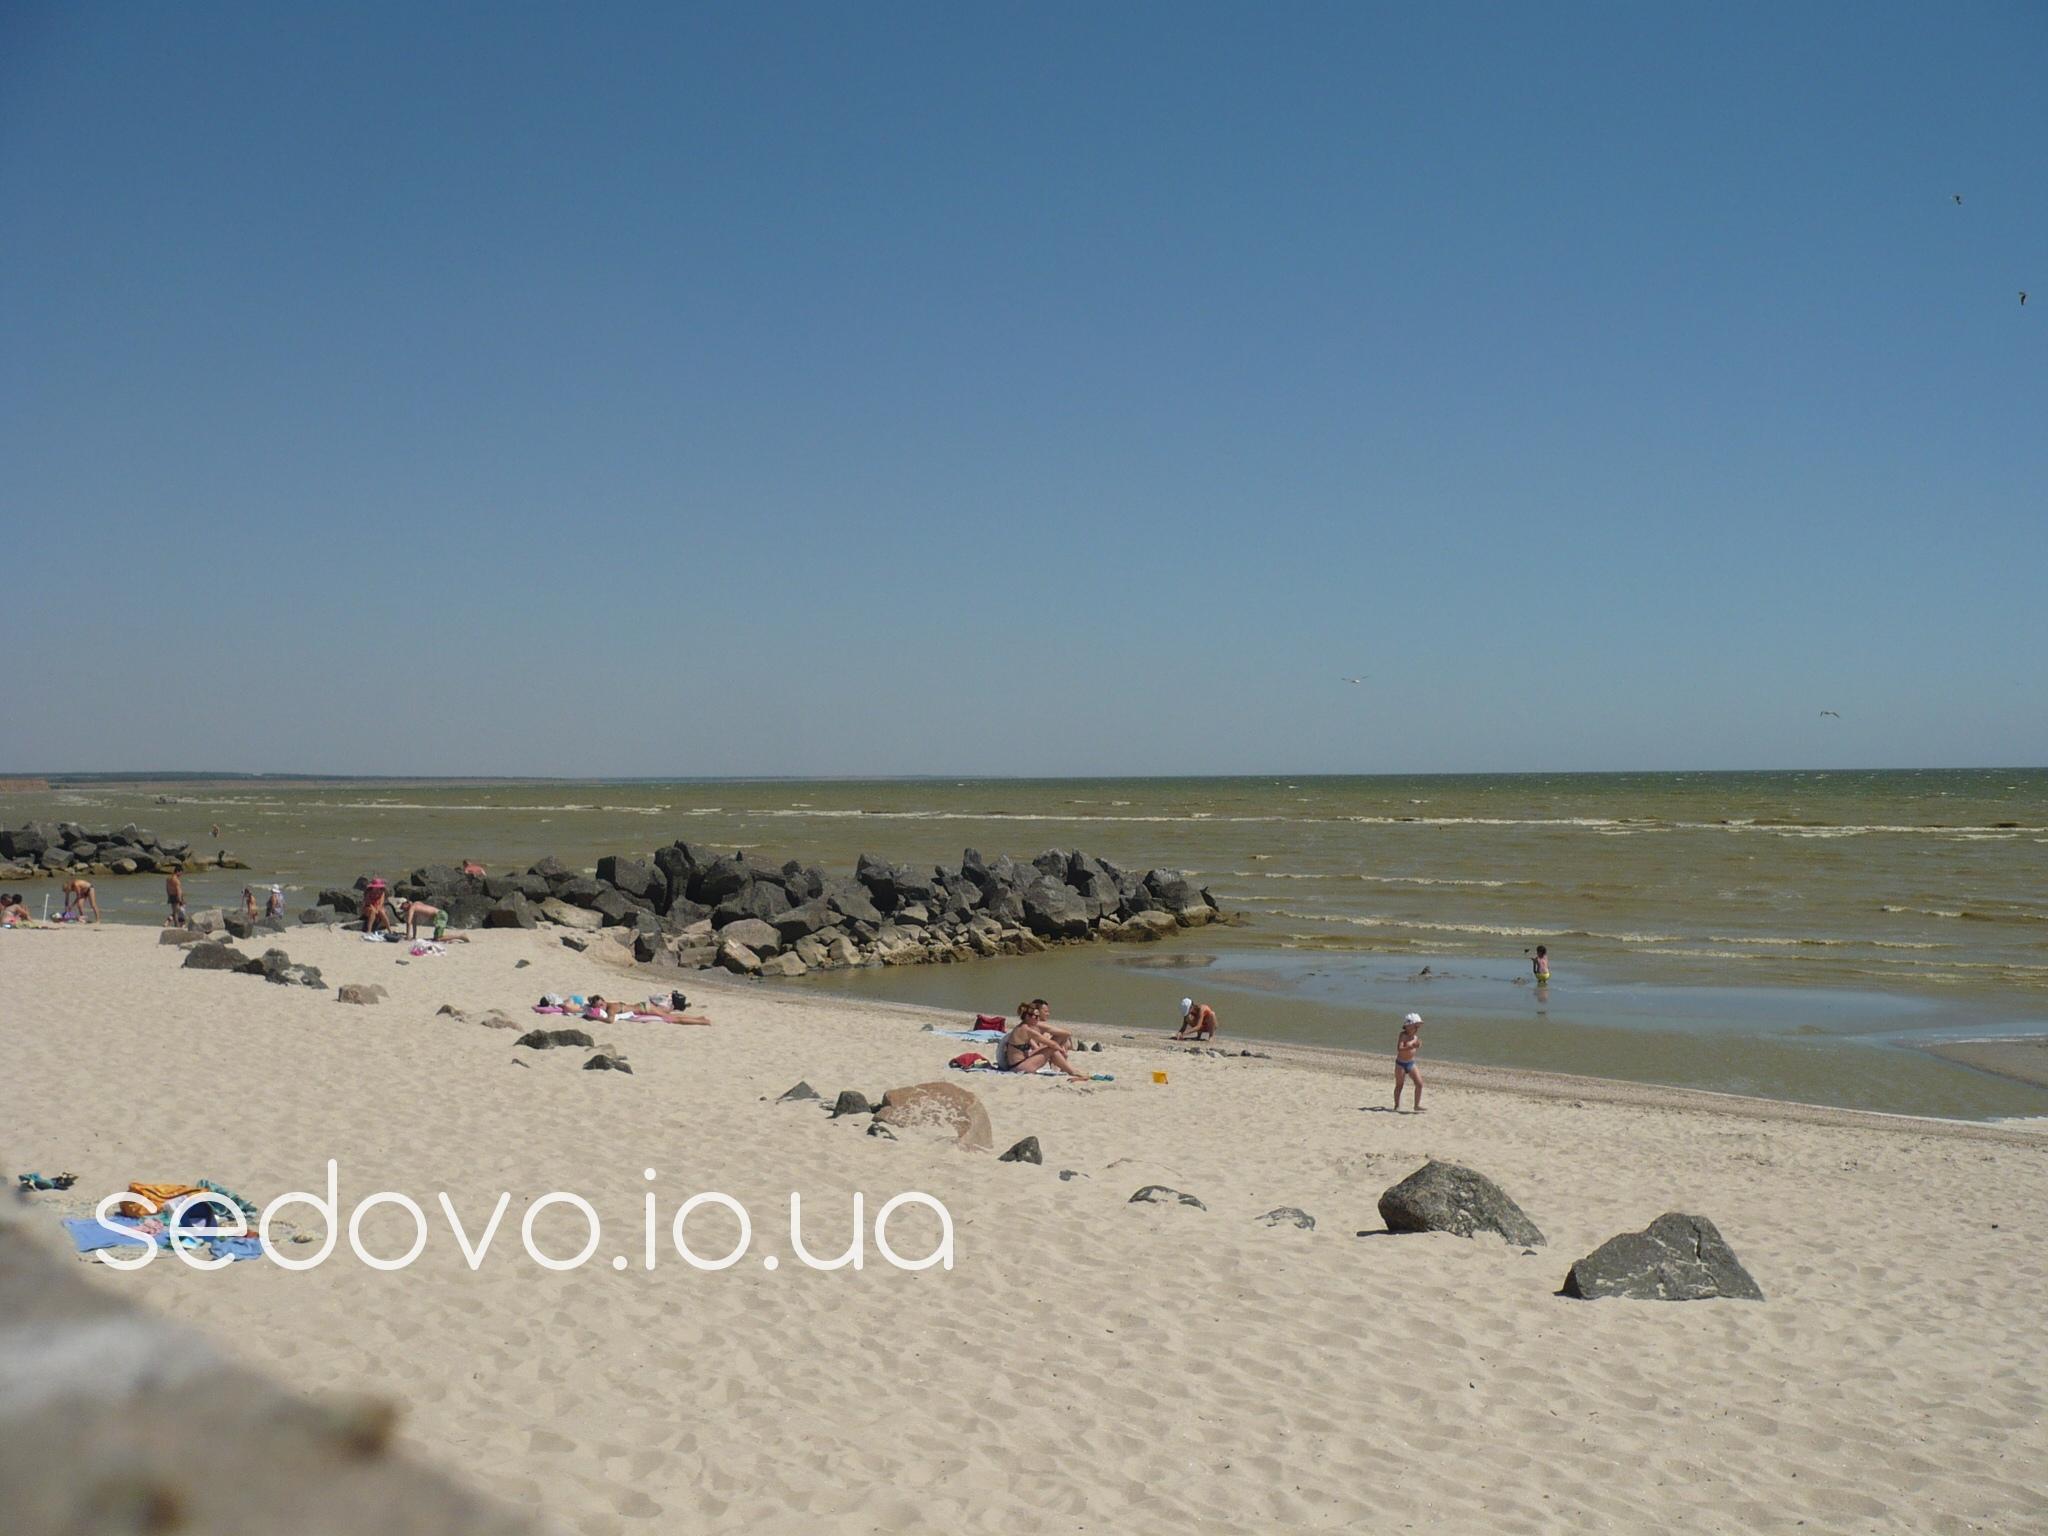 Седово пляж Металлург для маленьких детей